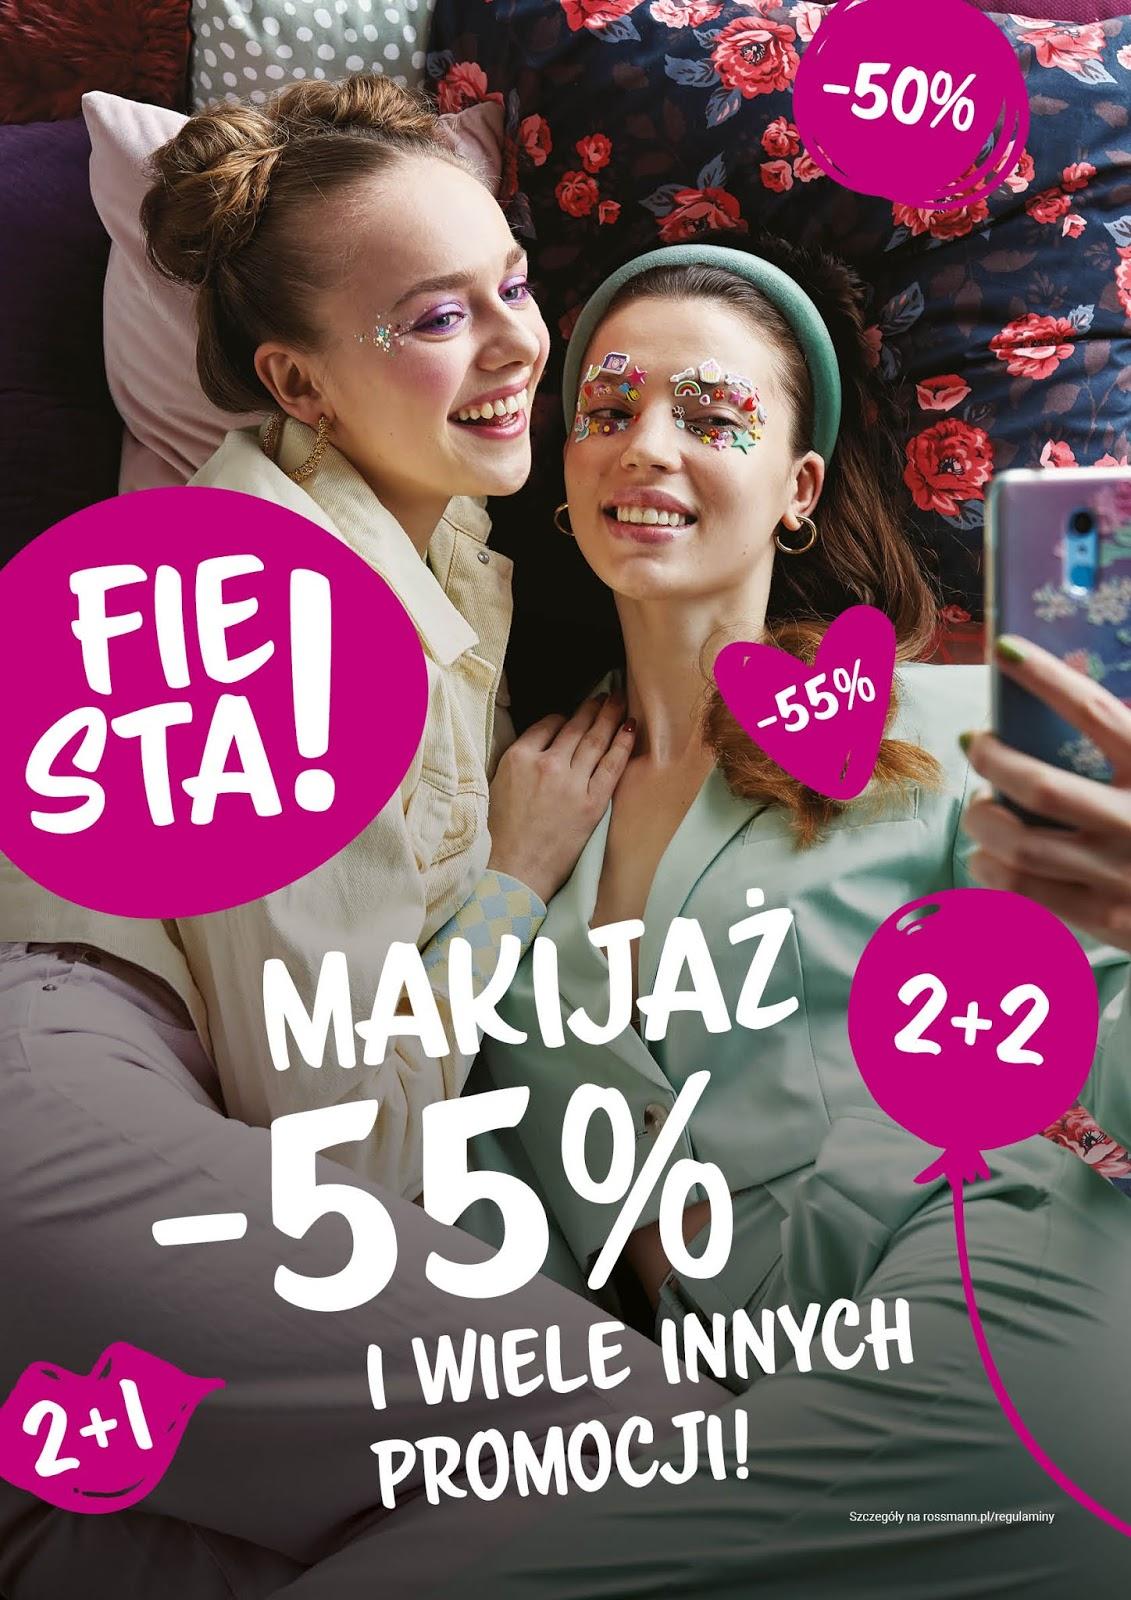 Rossmann -55% na kosmetyki do makijażu maj 2020 Promocyjna Fiesta